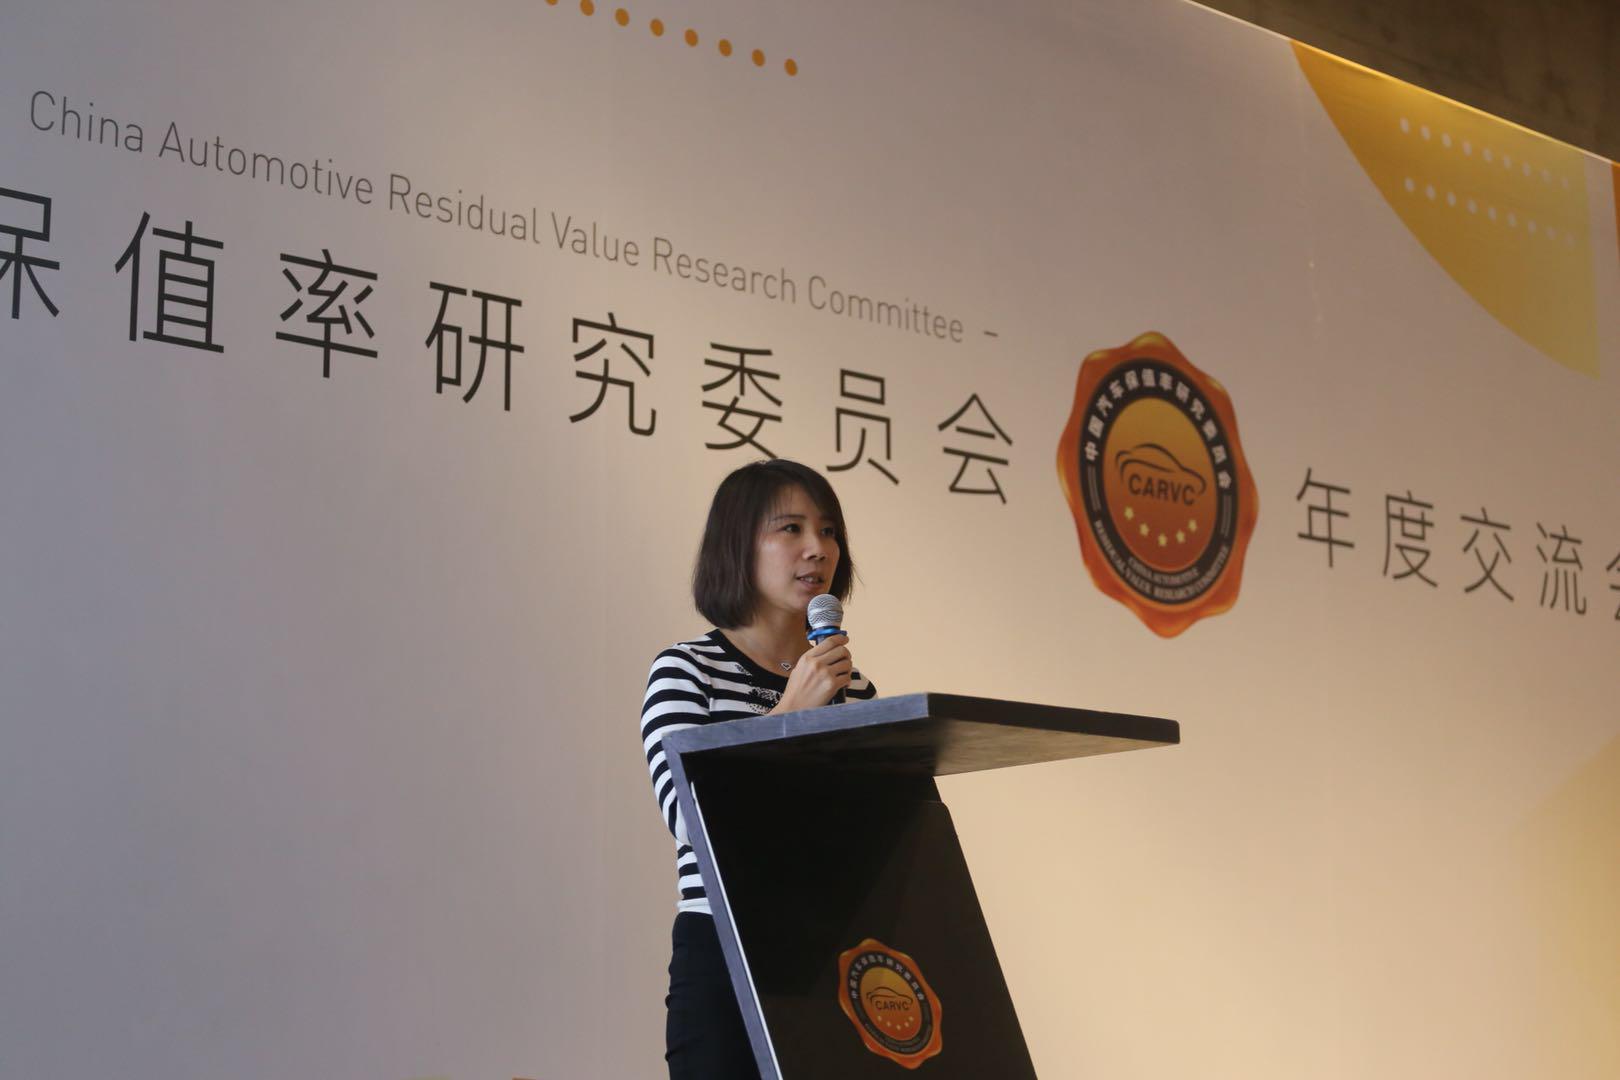 探讨残值研究与应用 赋能汽车金融及行业发展